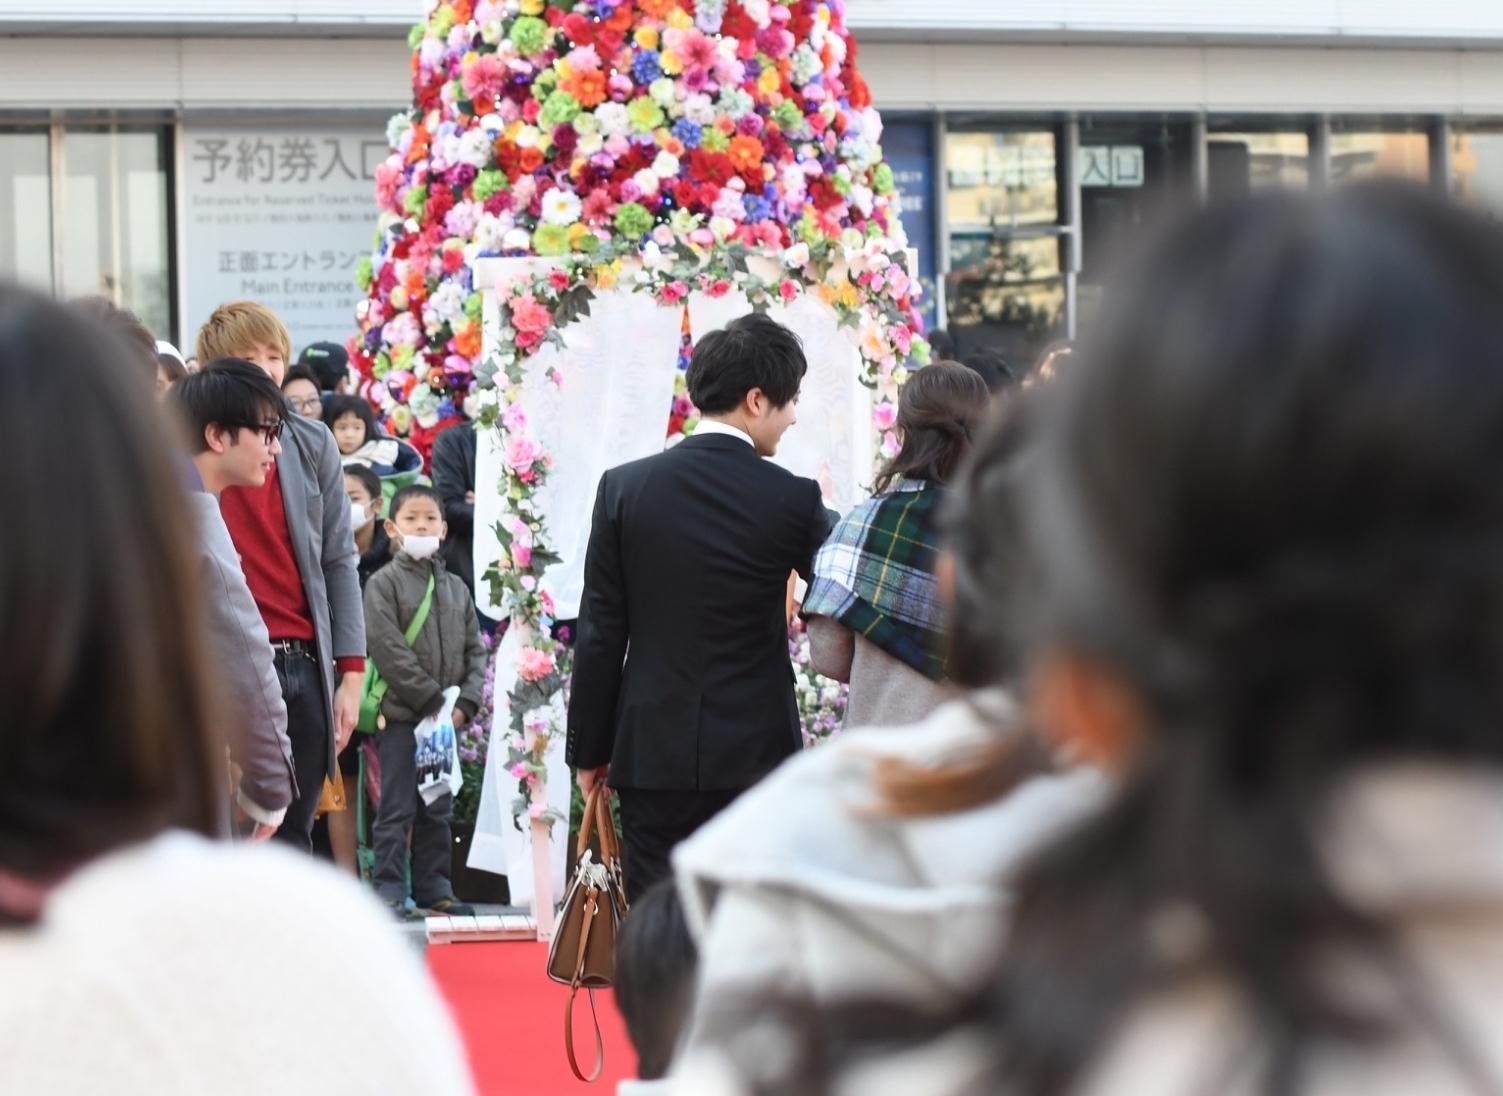 本番 by 広報チーム_171219_0207